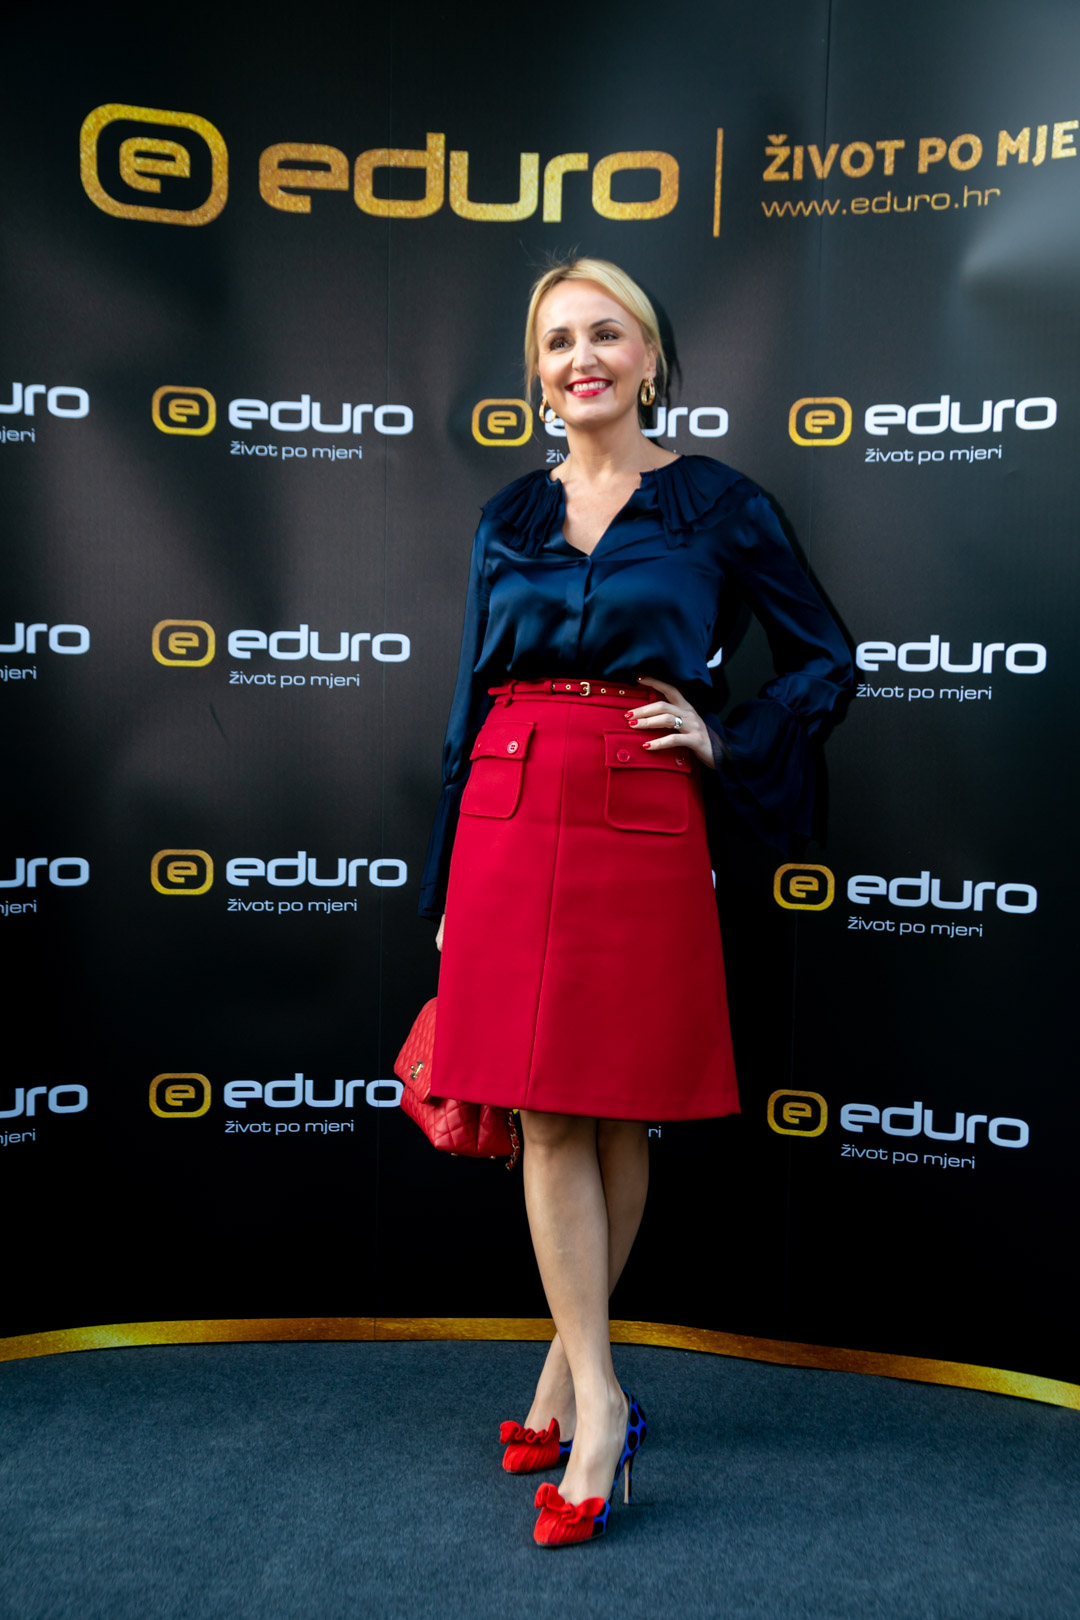 Eduro Mirjana Mikulec